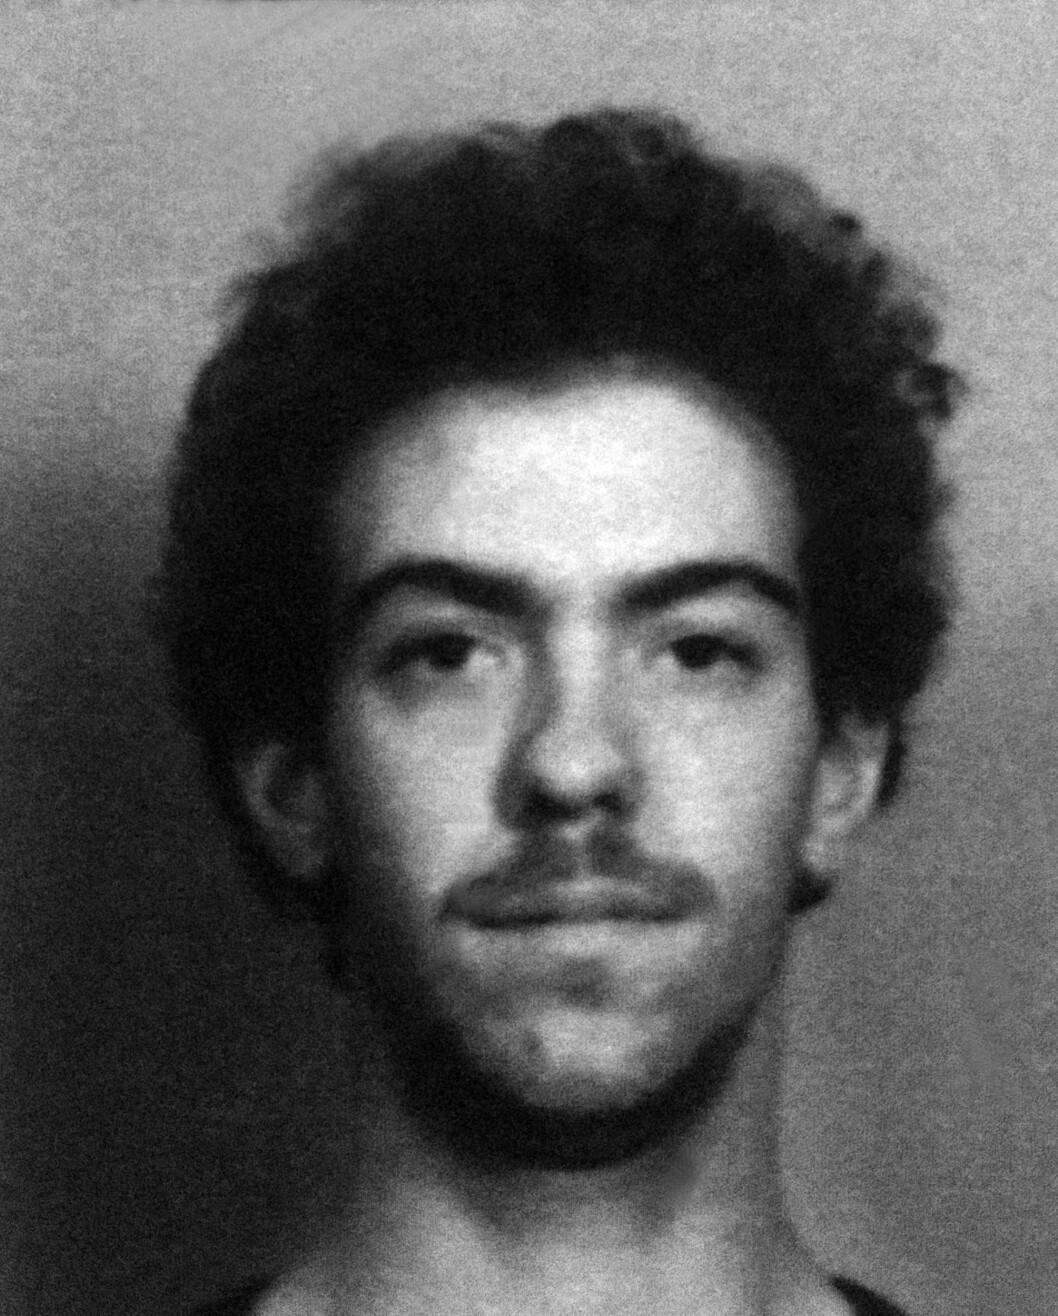 DET SISTE OFFERET: Joseph Bradehoft ble bare 25 år gammel. Han ble Dahmers siste offer, og ble drept 19. juli 1991. Foto: NTB Scanpix